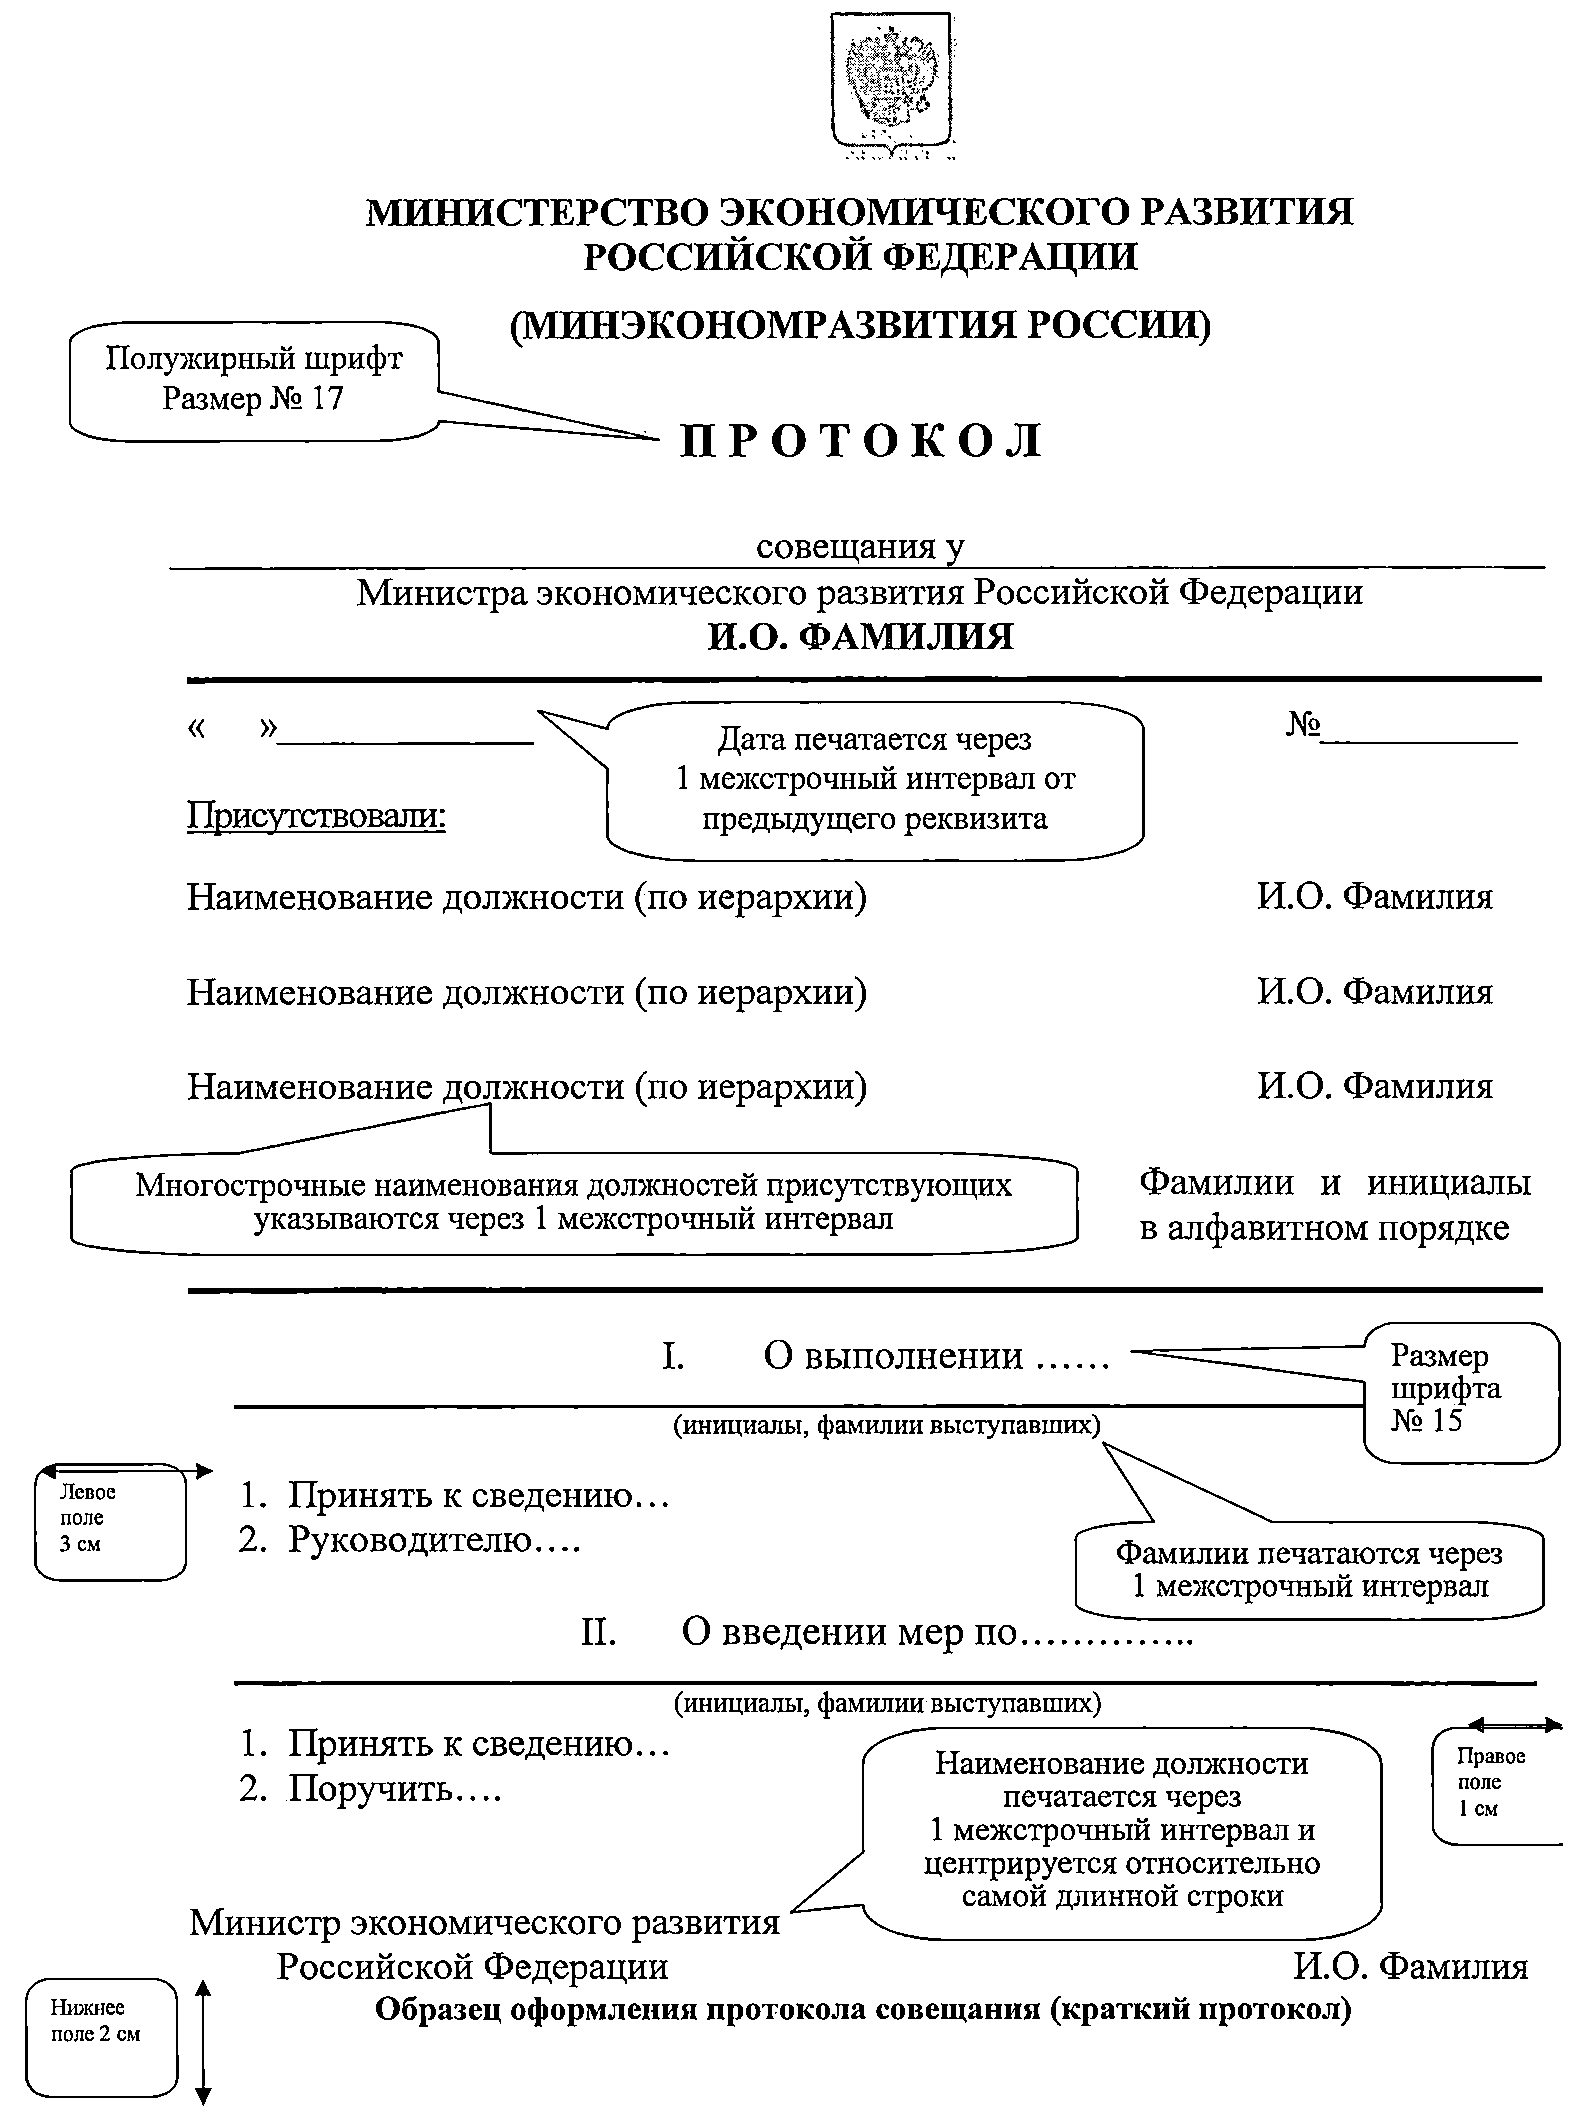 инструкция по делопроизводству следственного комитета россии